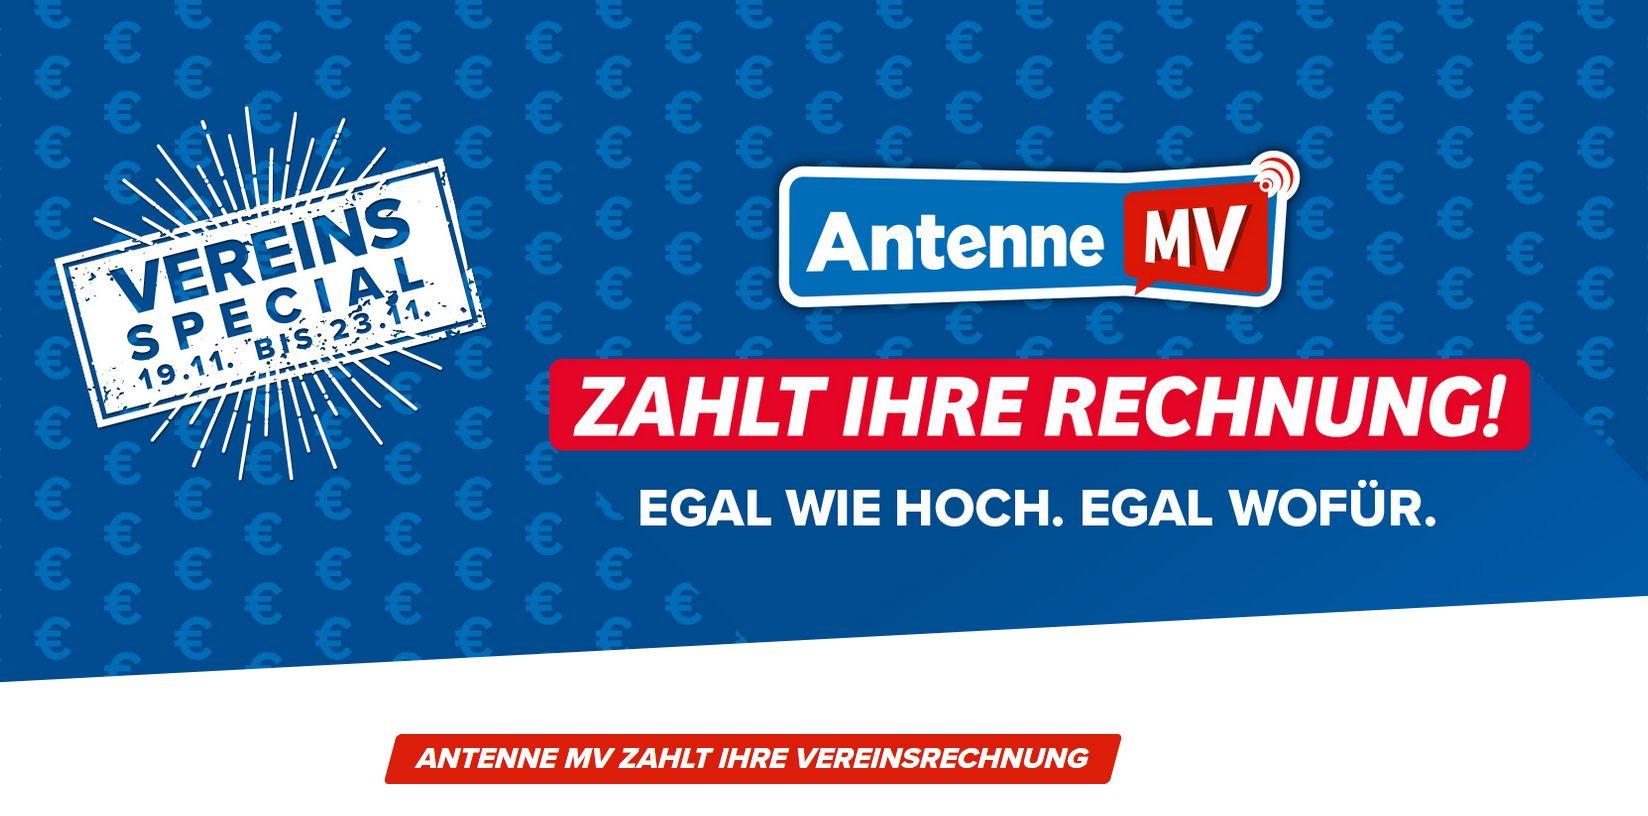 """Gut aufpassen! Unser Club ist bei Antenne MV-Aktion """"Wir zahlen Ihre Vereinsrechnung!"""" im Lostopf"""